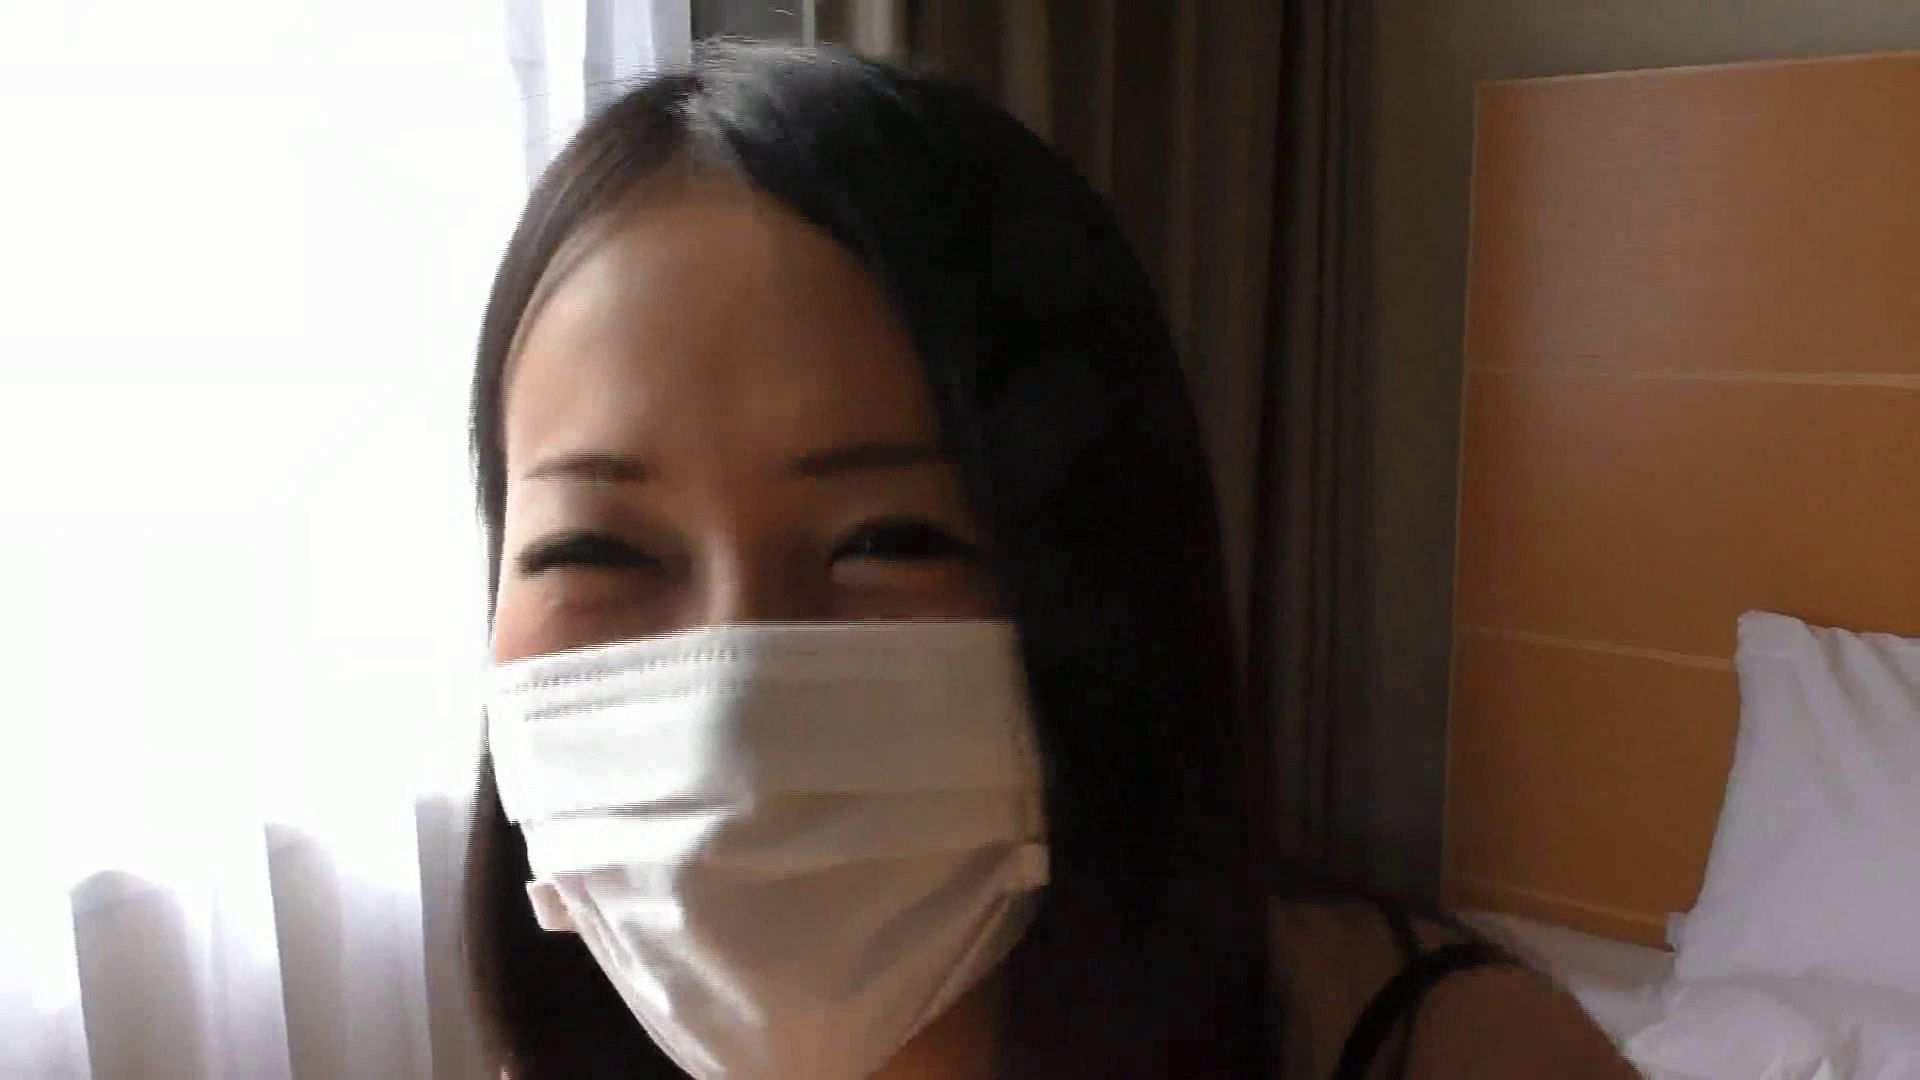 S級厳選美女ビッチガールVol.22 エロティックなOL ワレメ無修正動画無料 61画像 14